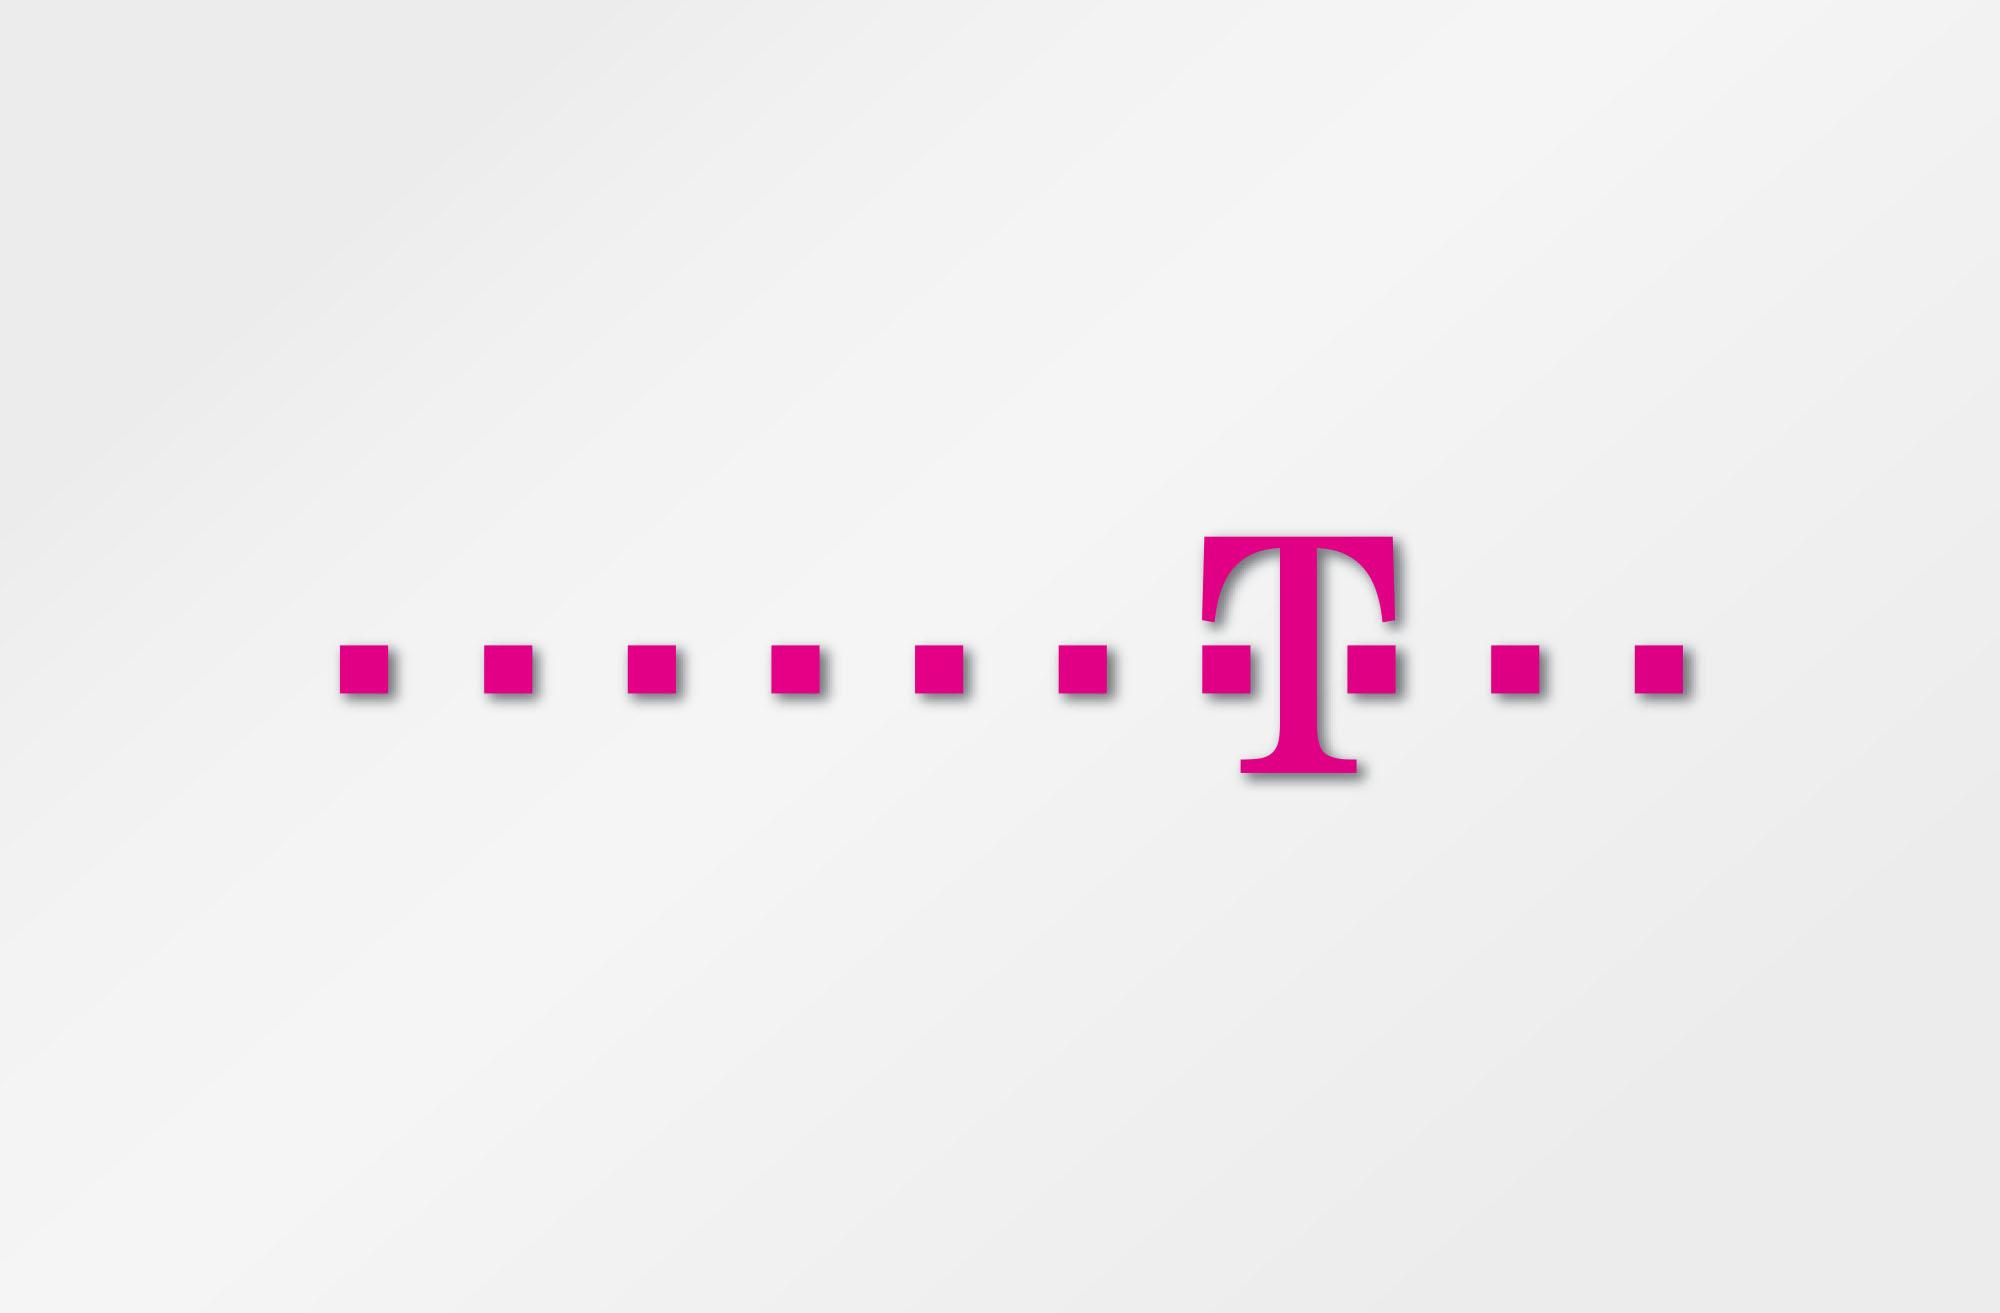 Deutsche Telekom│Corporate Design